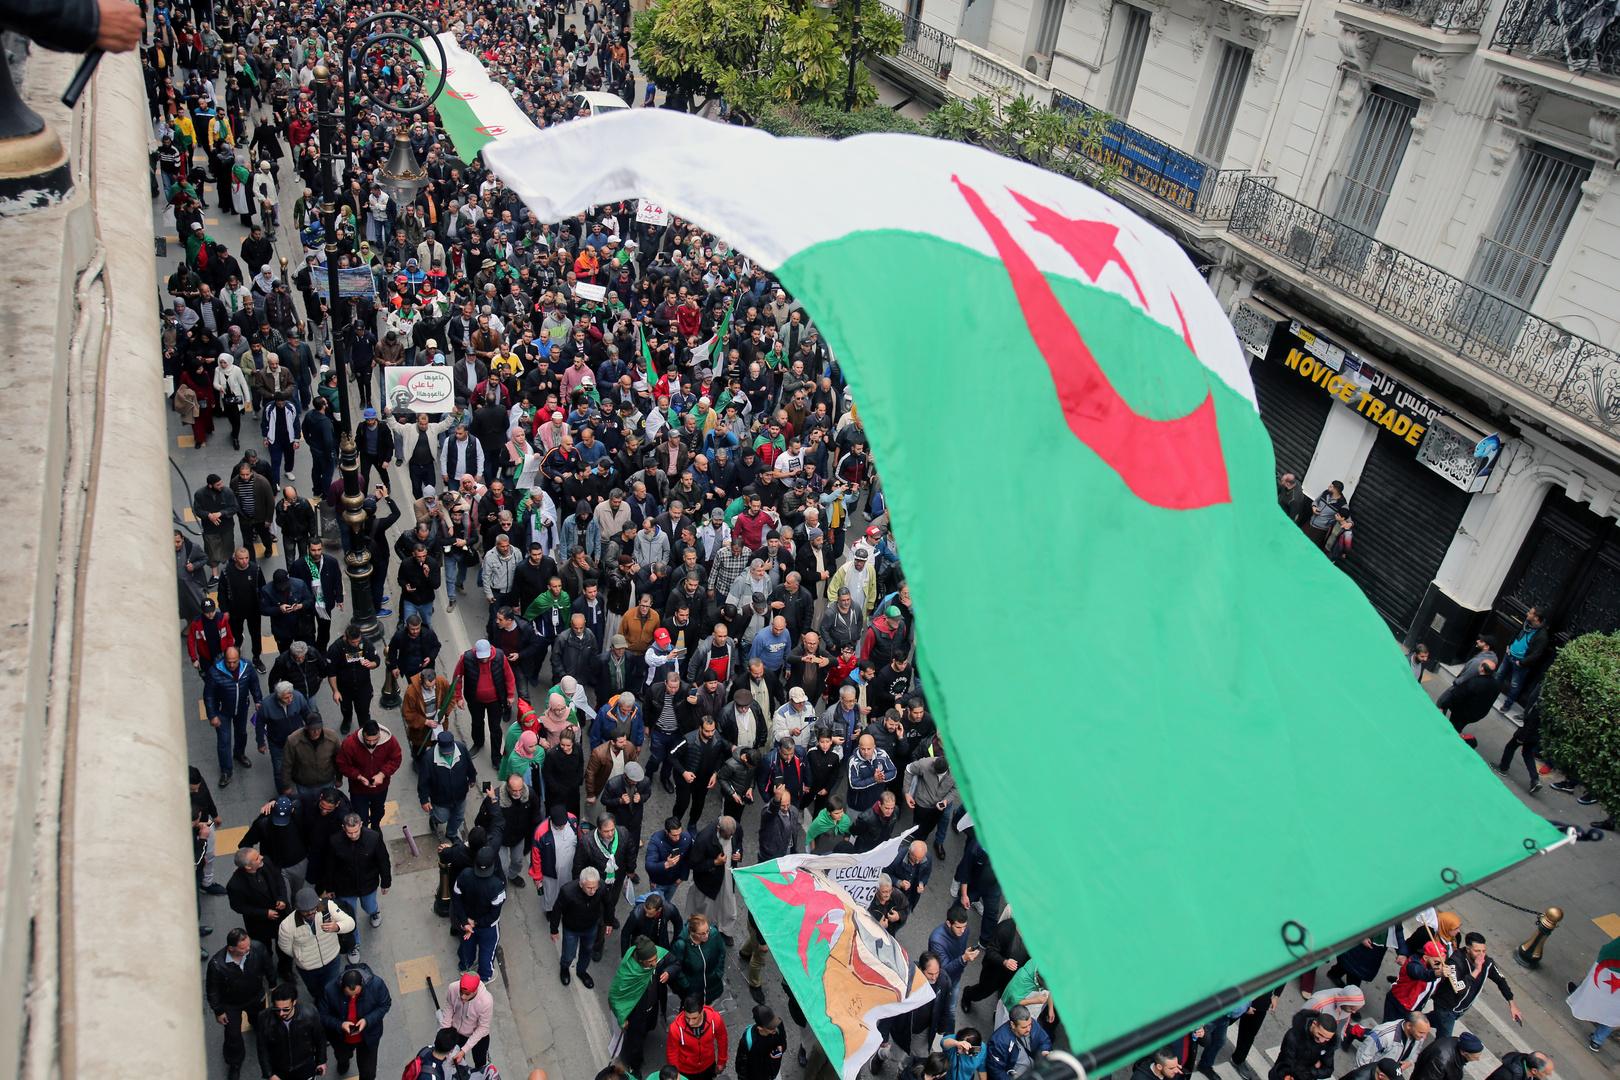 الجزائر: قبول عضوية إسرائيل كمراقب في الاتحاد الإفريقي لن يؤثر على دعم القضية الفلسطينية